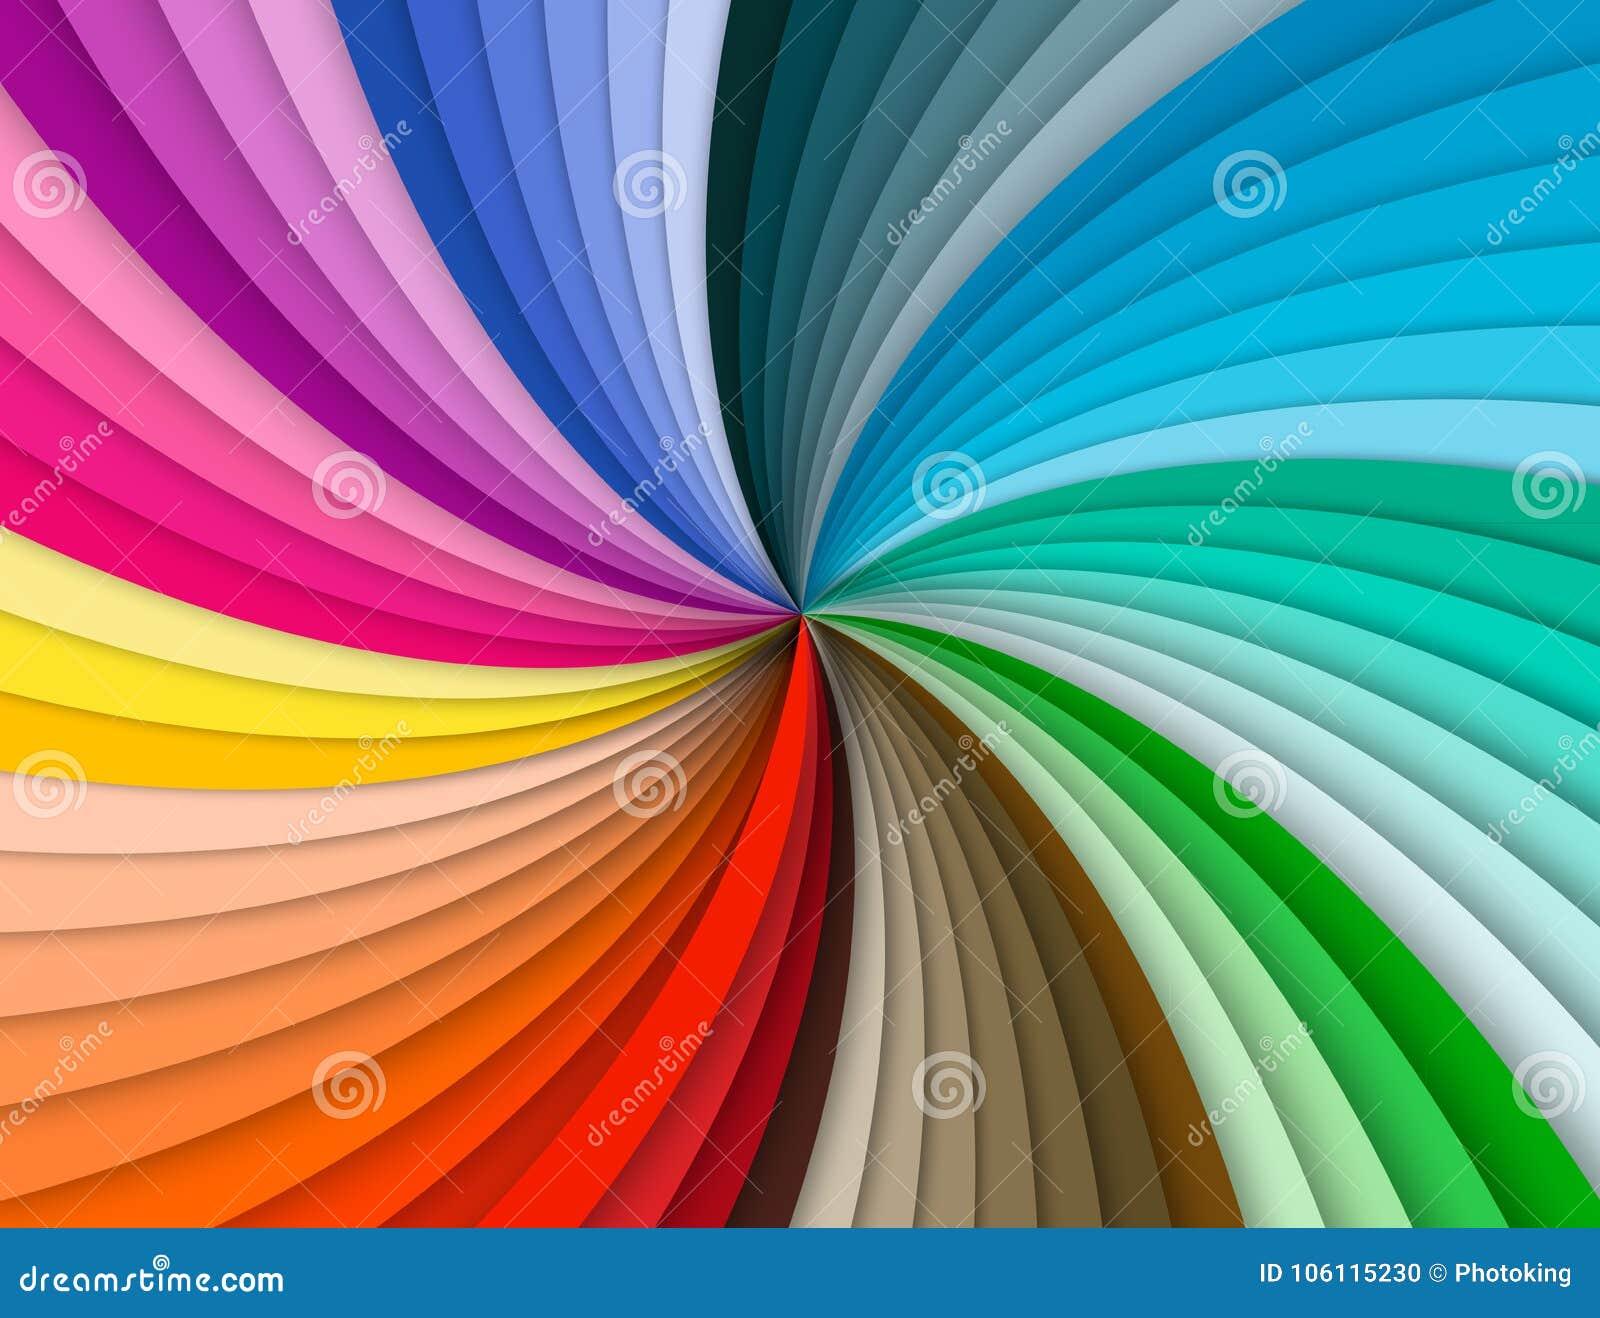 Fundo espiral colorido do arco-íris